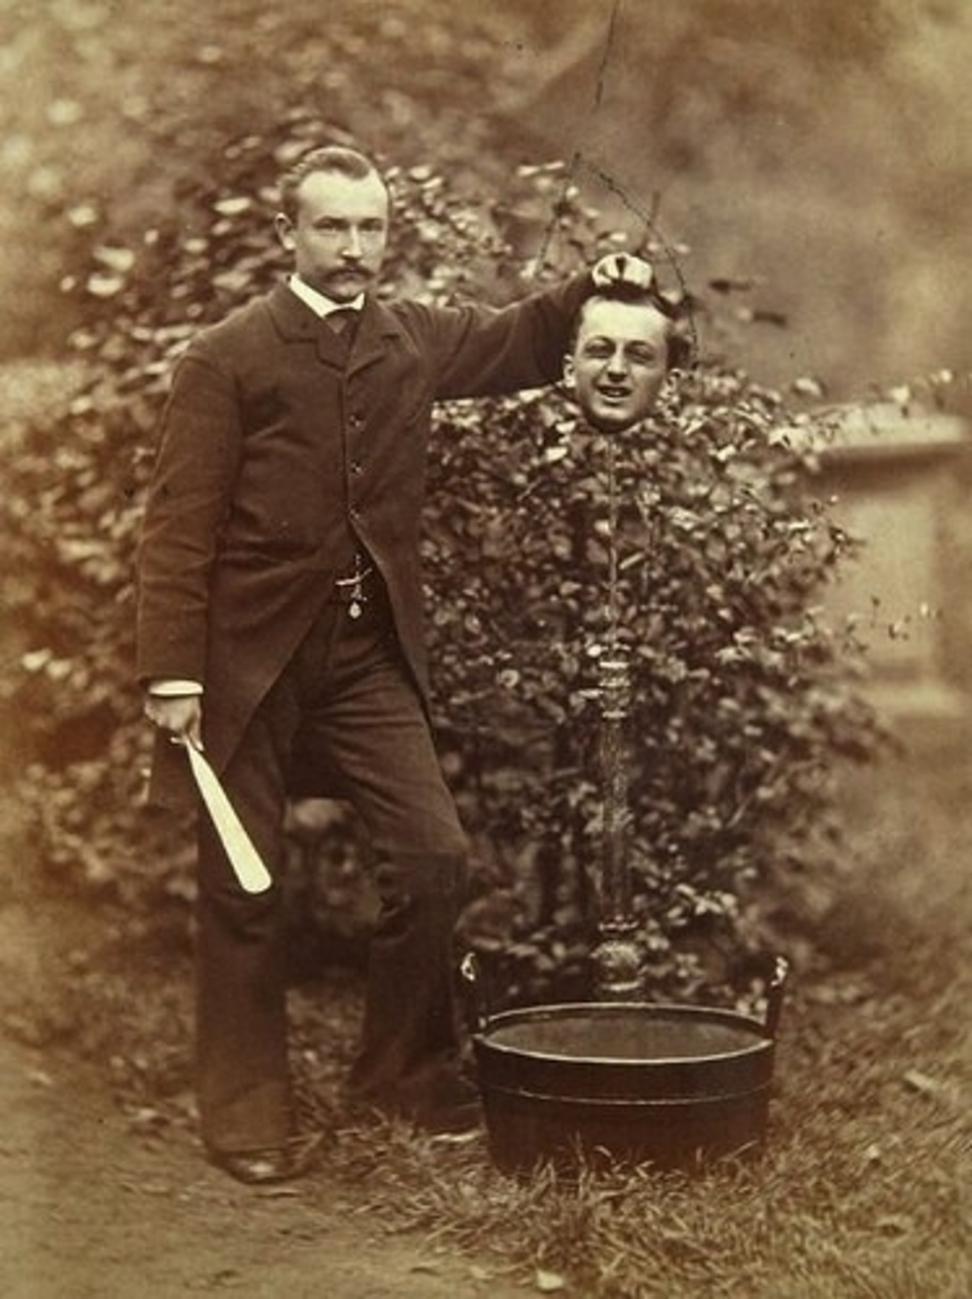 Egy úr valaki más - feltehetően a saját fia - fejével a kezében mókázik (fotó: Wikipedia)